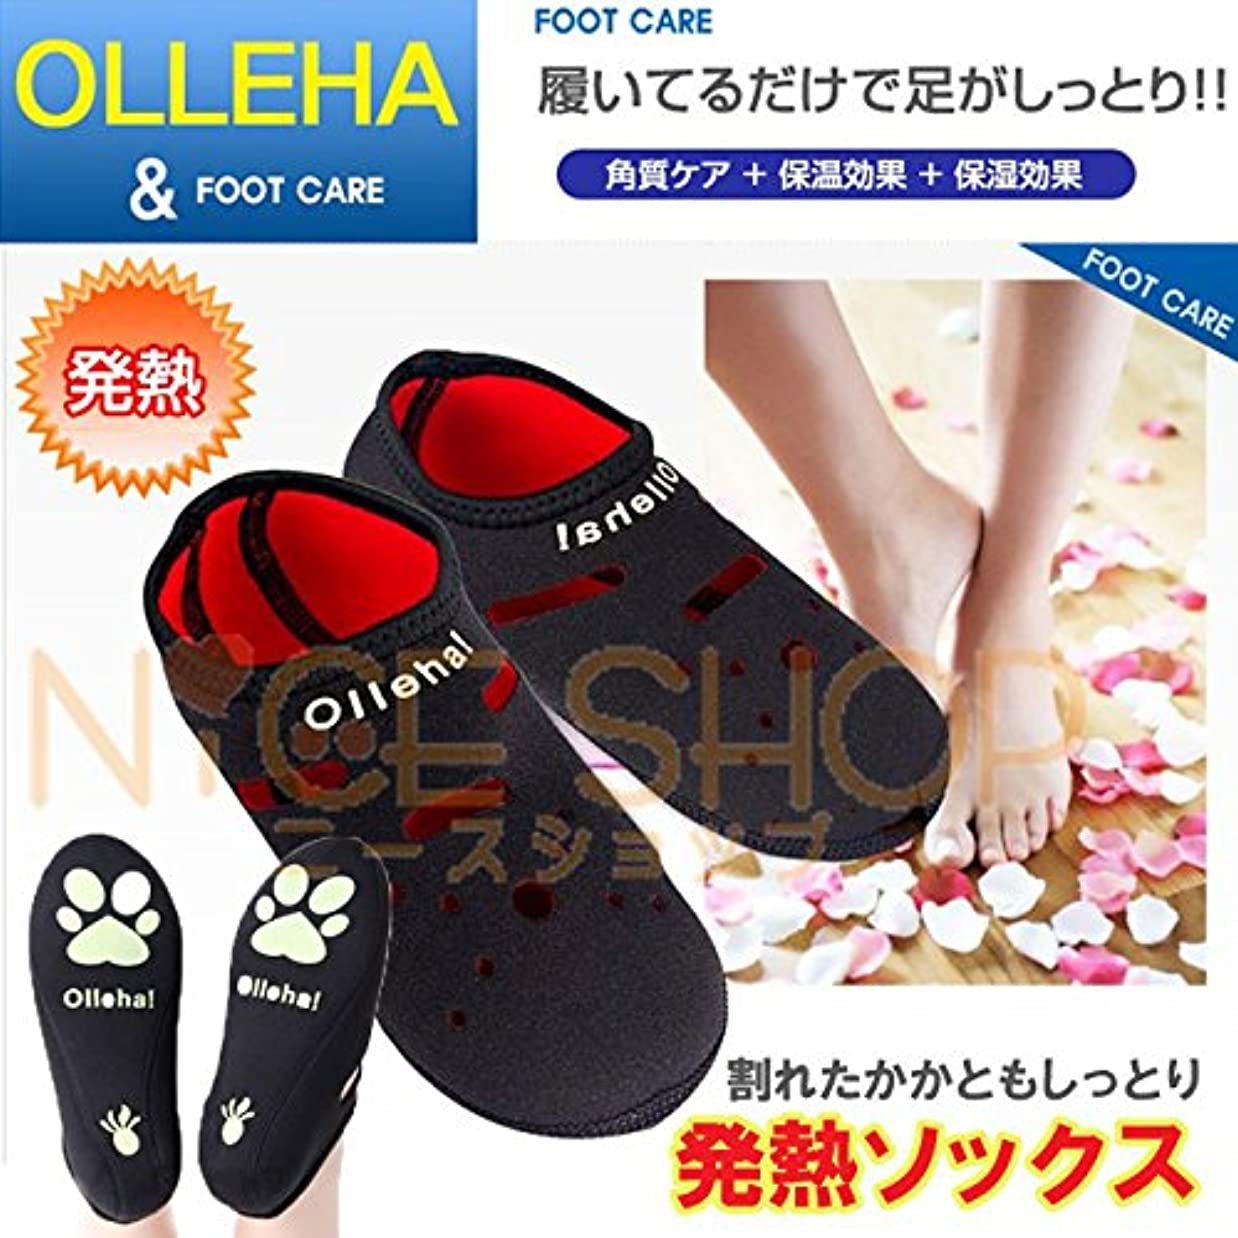 メナジェリー用量他の場所発熱靴下(足袋)発熱ソックス、フットケアー Olleha! (S(22.0~23.0))